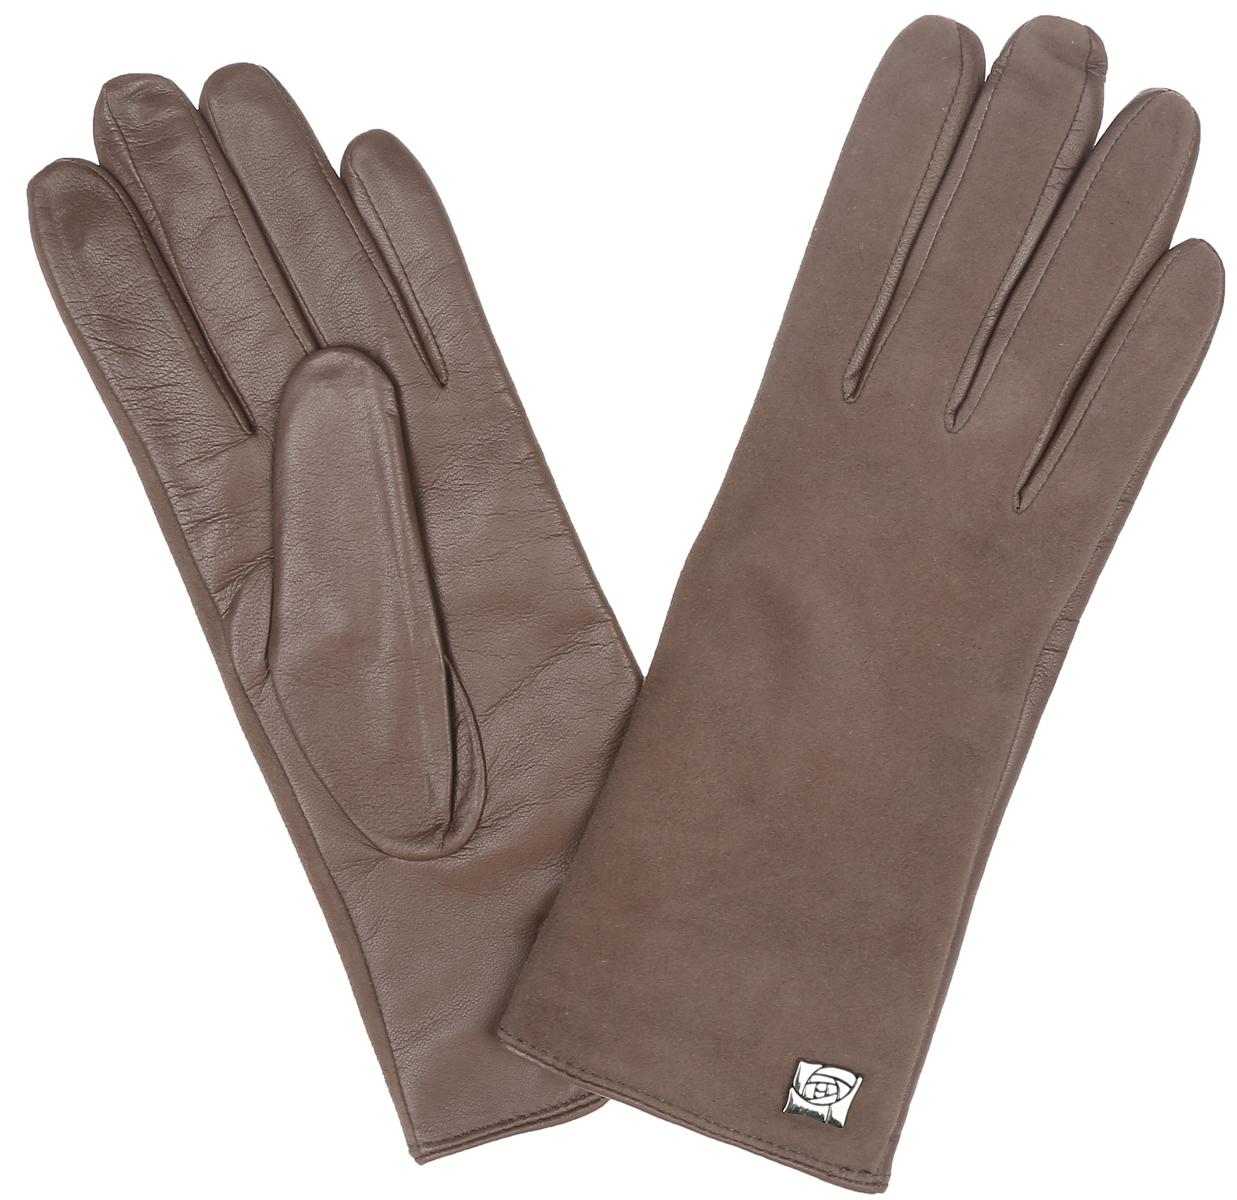 Перчатки женские. IS992IS992Классические женские перчатки Eleganzza - первая необходимость в осенне-зимний период. Выполненные из комбинированной кожи на подкладке из шерсти, они необыкновенно мягкие и приятные на ощупь. Лицевая сторона изделия с бархатистой поверхностью украшена декоративным элементом в виде розы. Тыльная сторона дополнена аккуратным разрезом. Потрясающие женские перчатки Eleganzza подойдут романтичным особам с тонким вкусом, они защитят руки от холода и ветра, сохраняя их красоту.